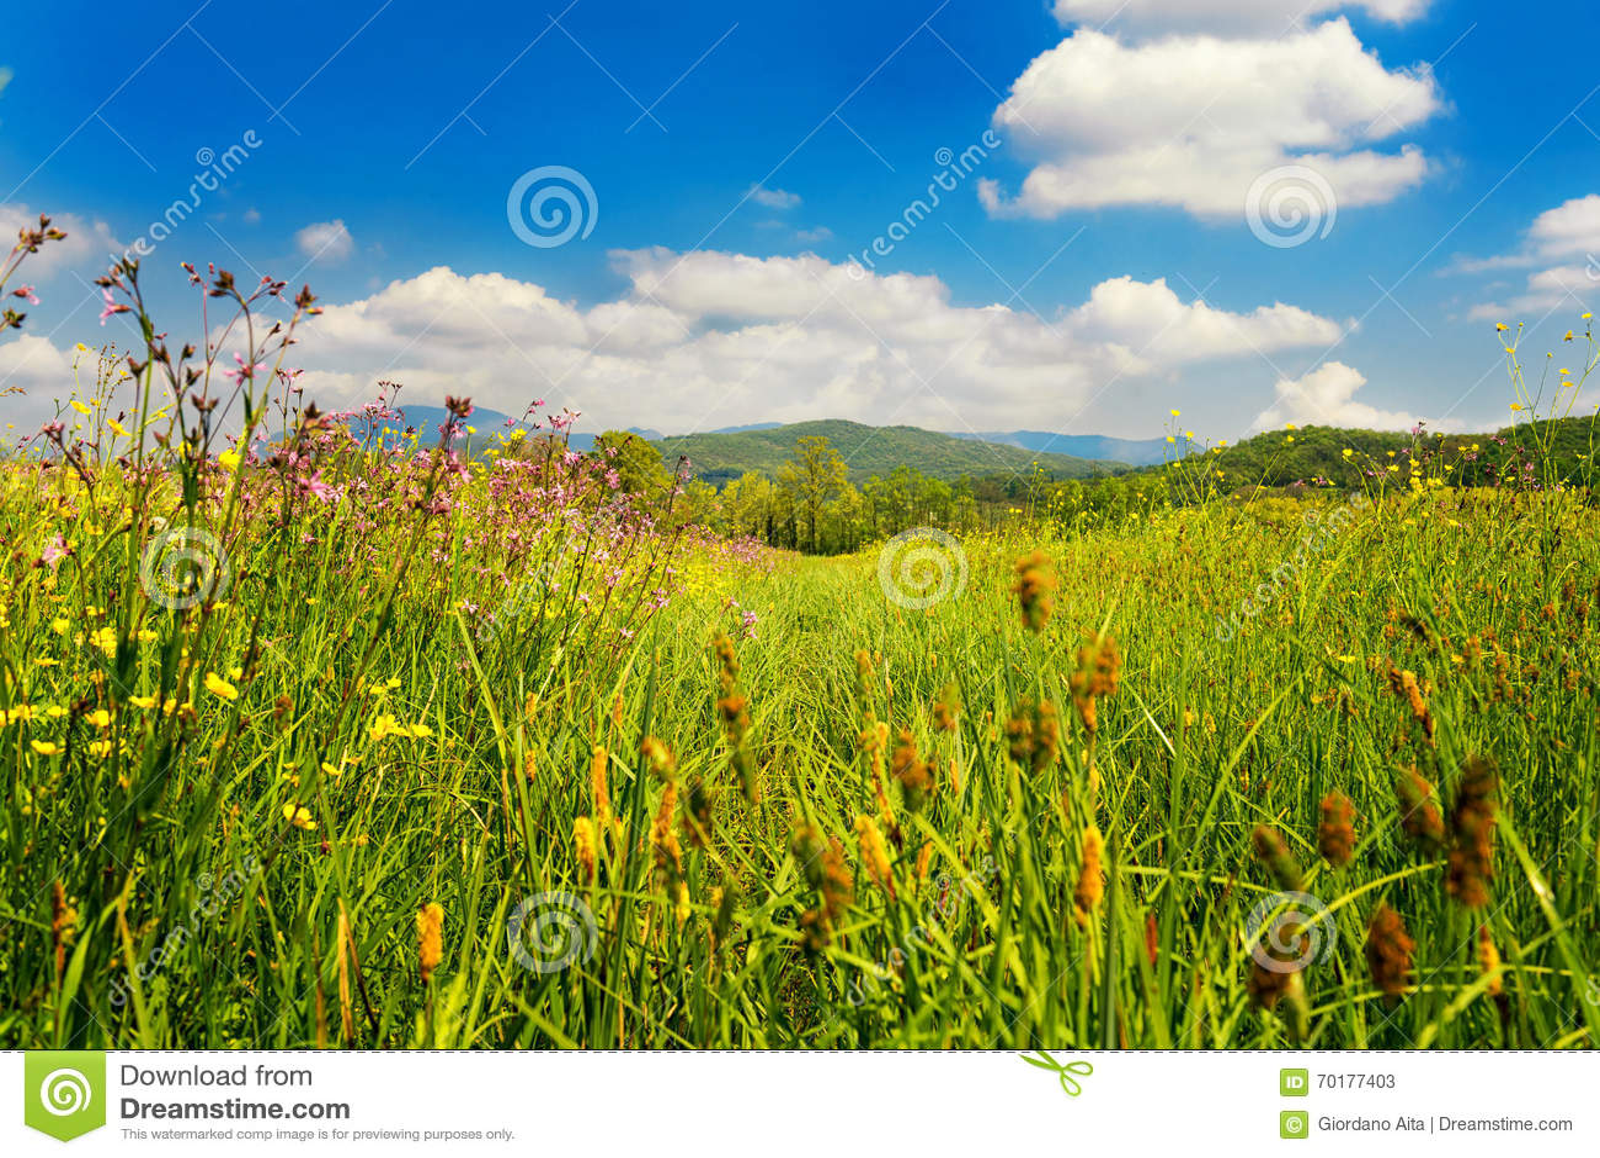 Fjädra den tid… ron lämnar, naturlig bakgrund